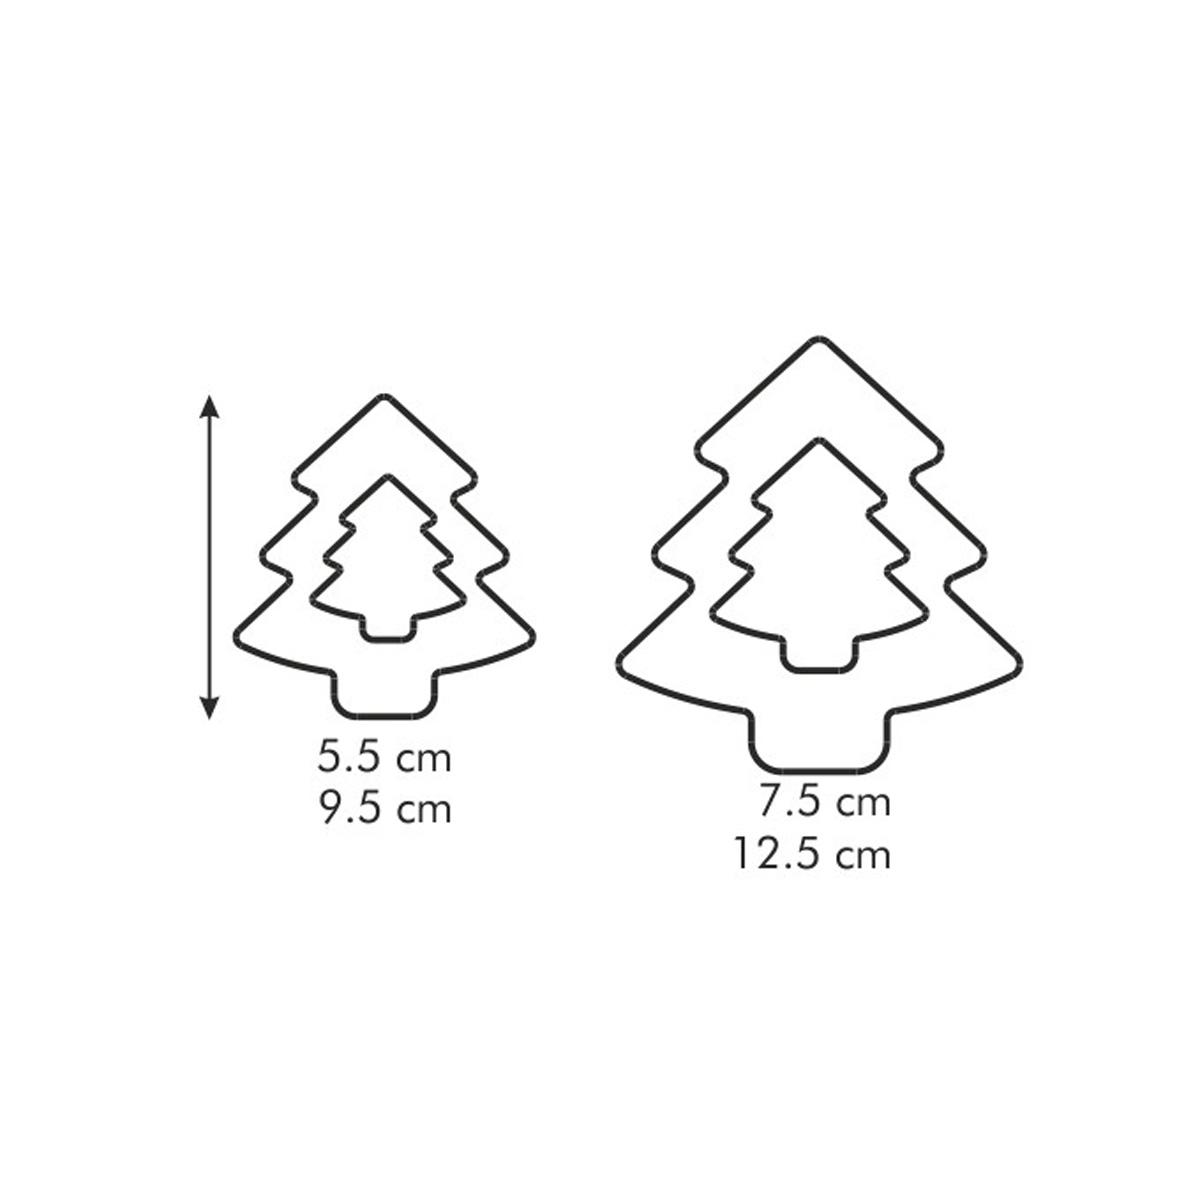 Oboustranná vykrajovátka stromečky DELÍCIA, 4 velikosti